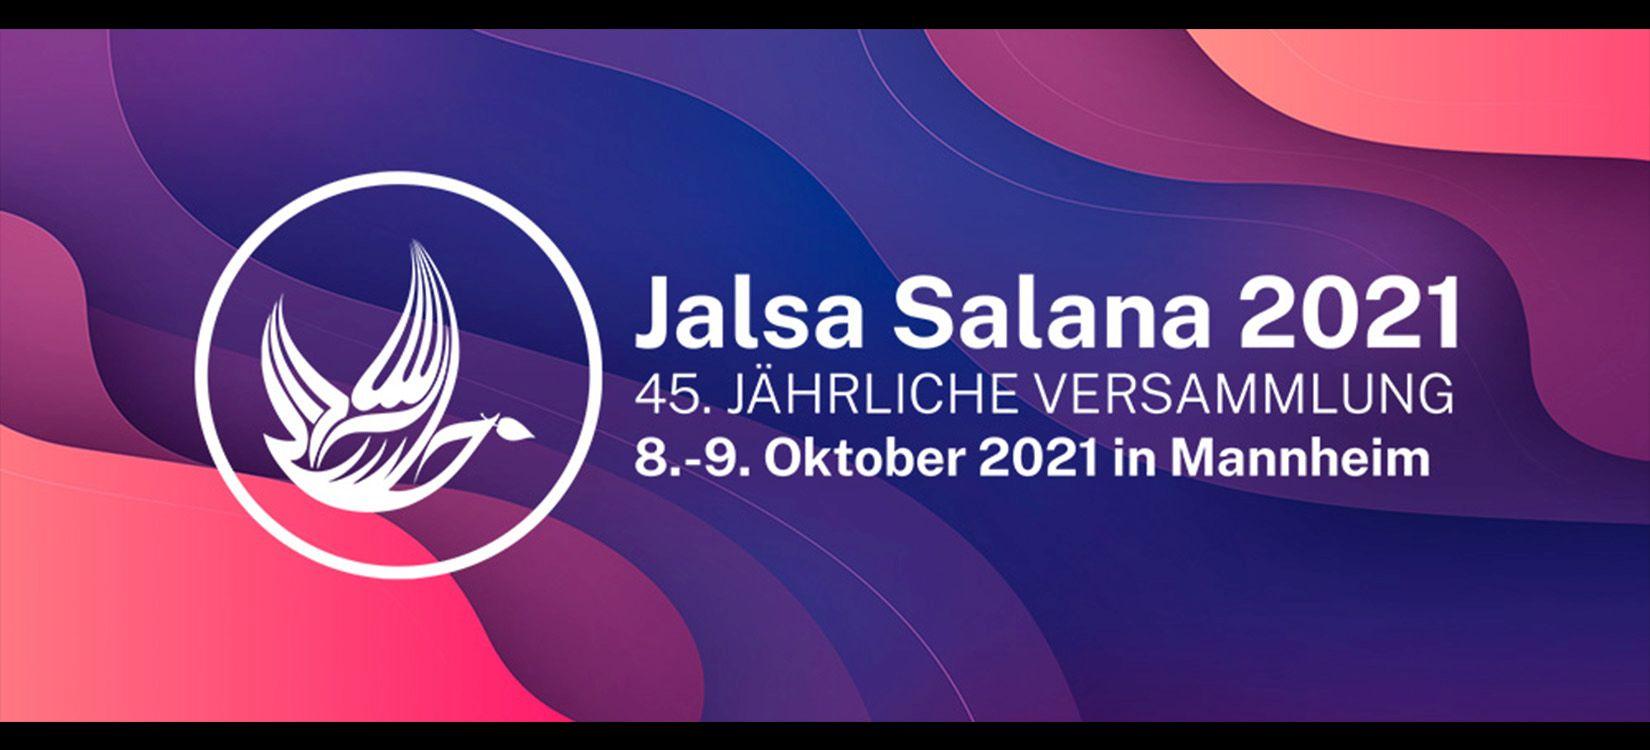 Jalsa Salana